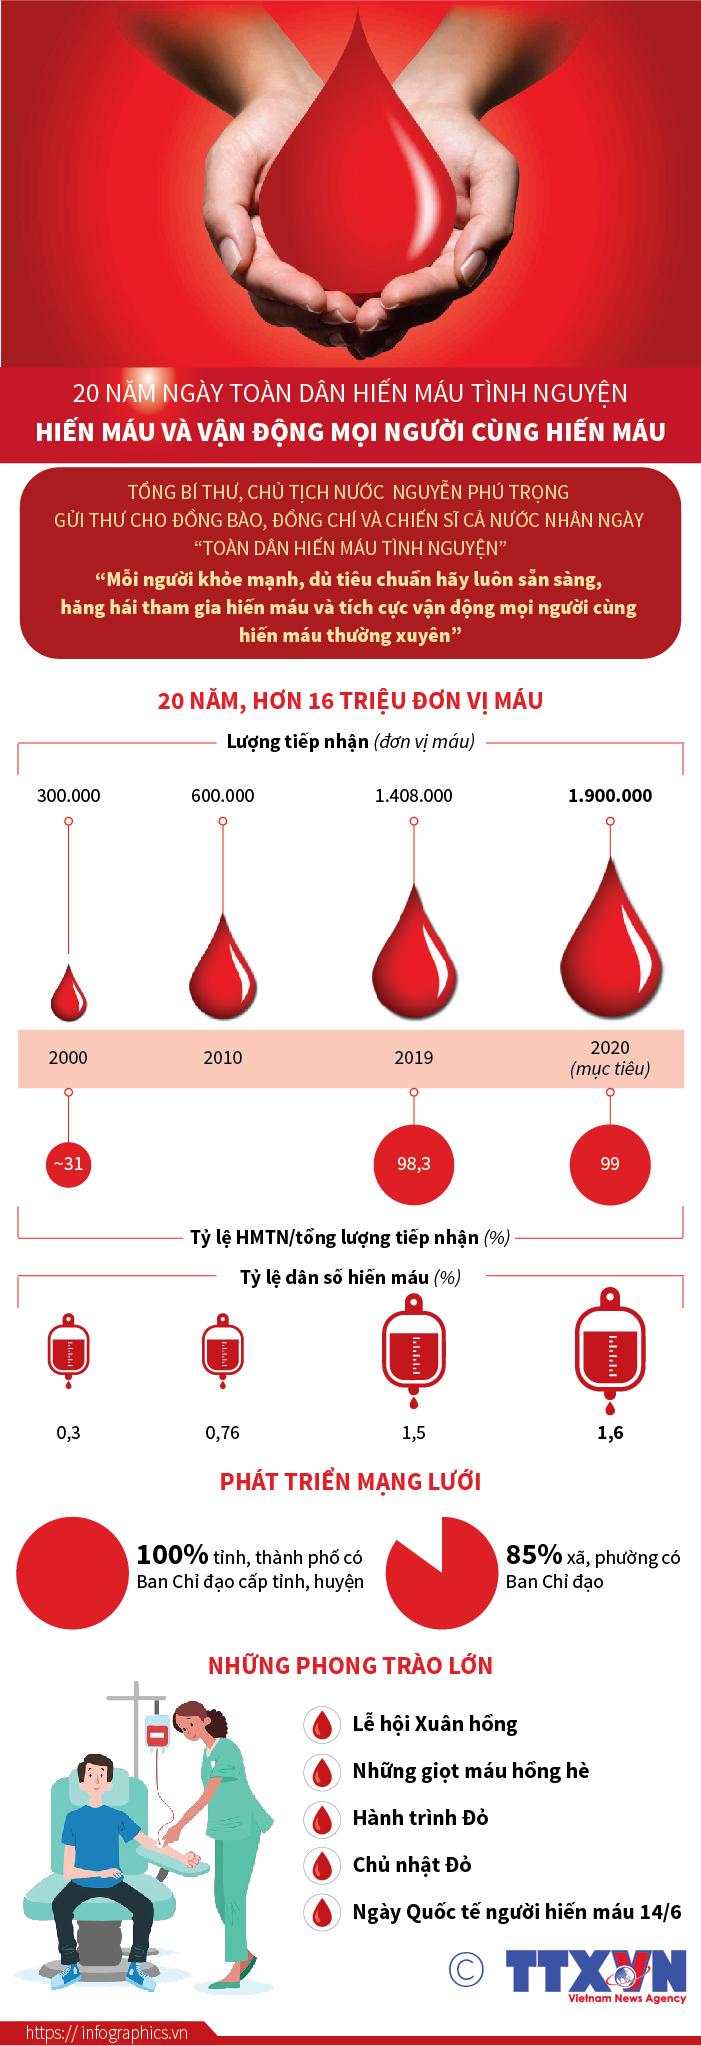 Hiến máu và vận động mọi người cùng hiến máu